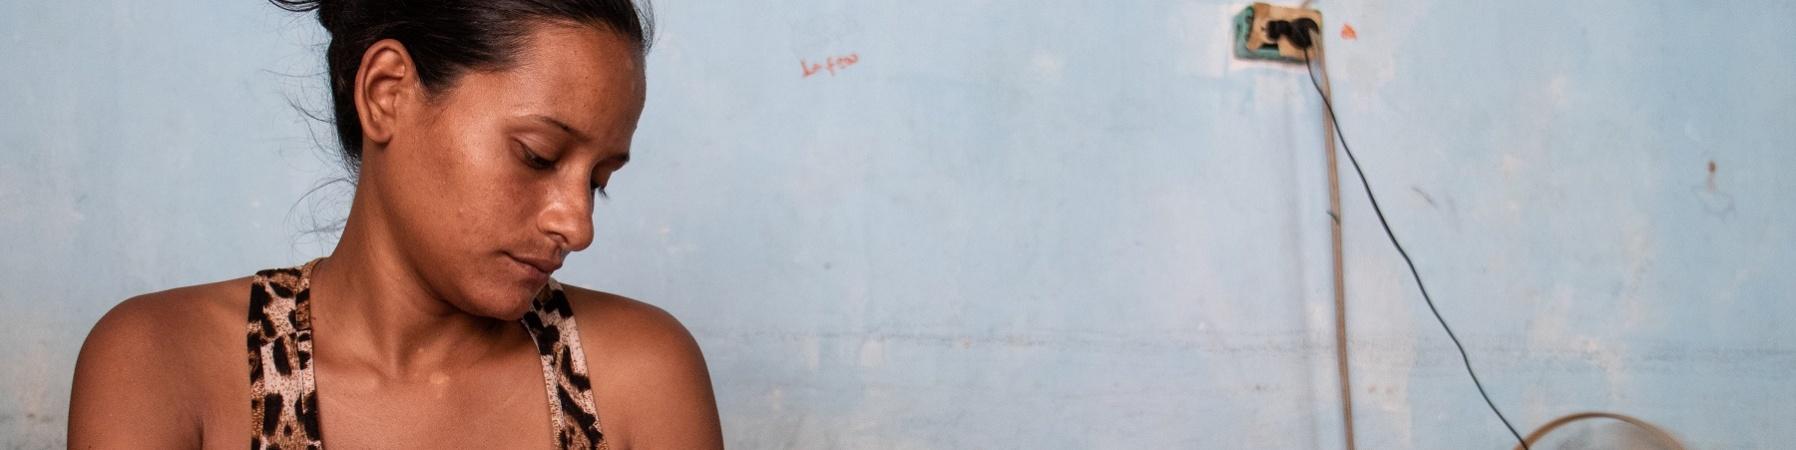 Donna venezuelana seduta su un letto tiene in braccio e guarda il figlio neonato.